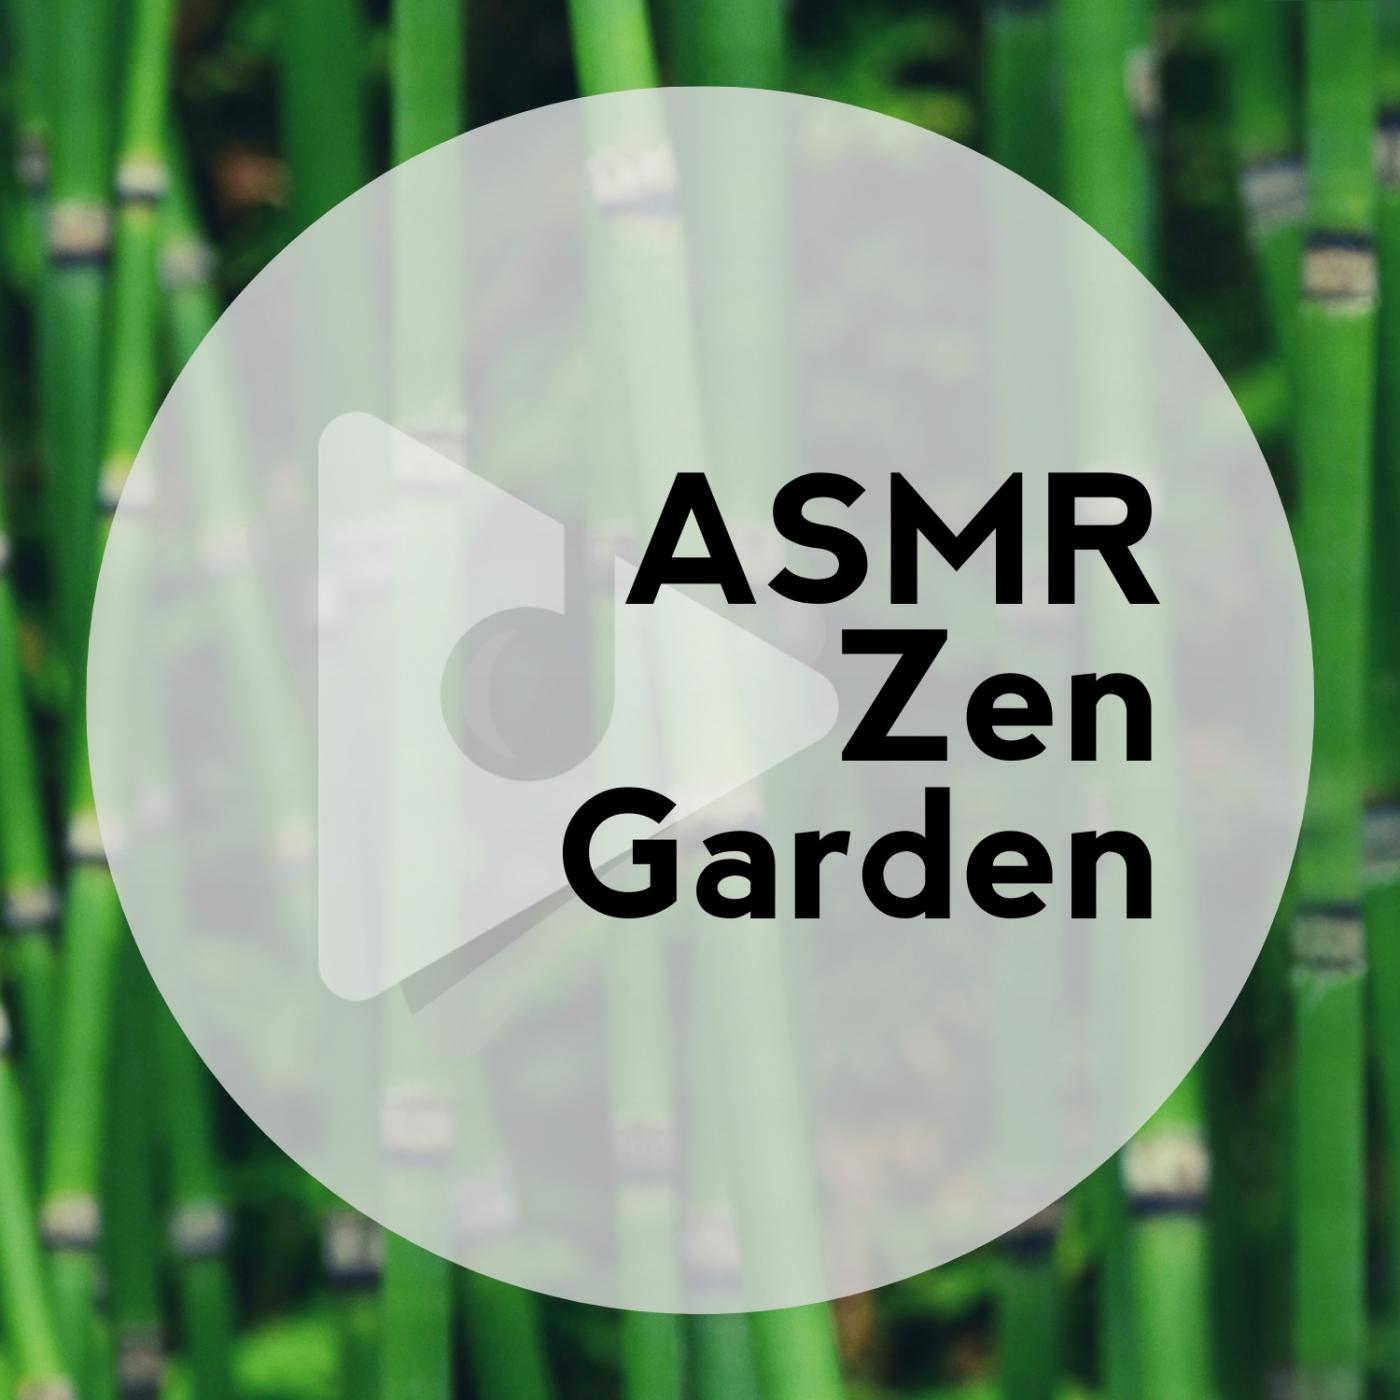 ASMR Zen Garden